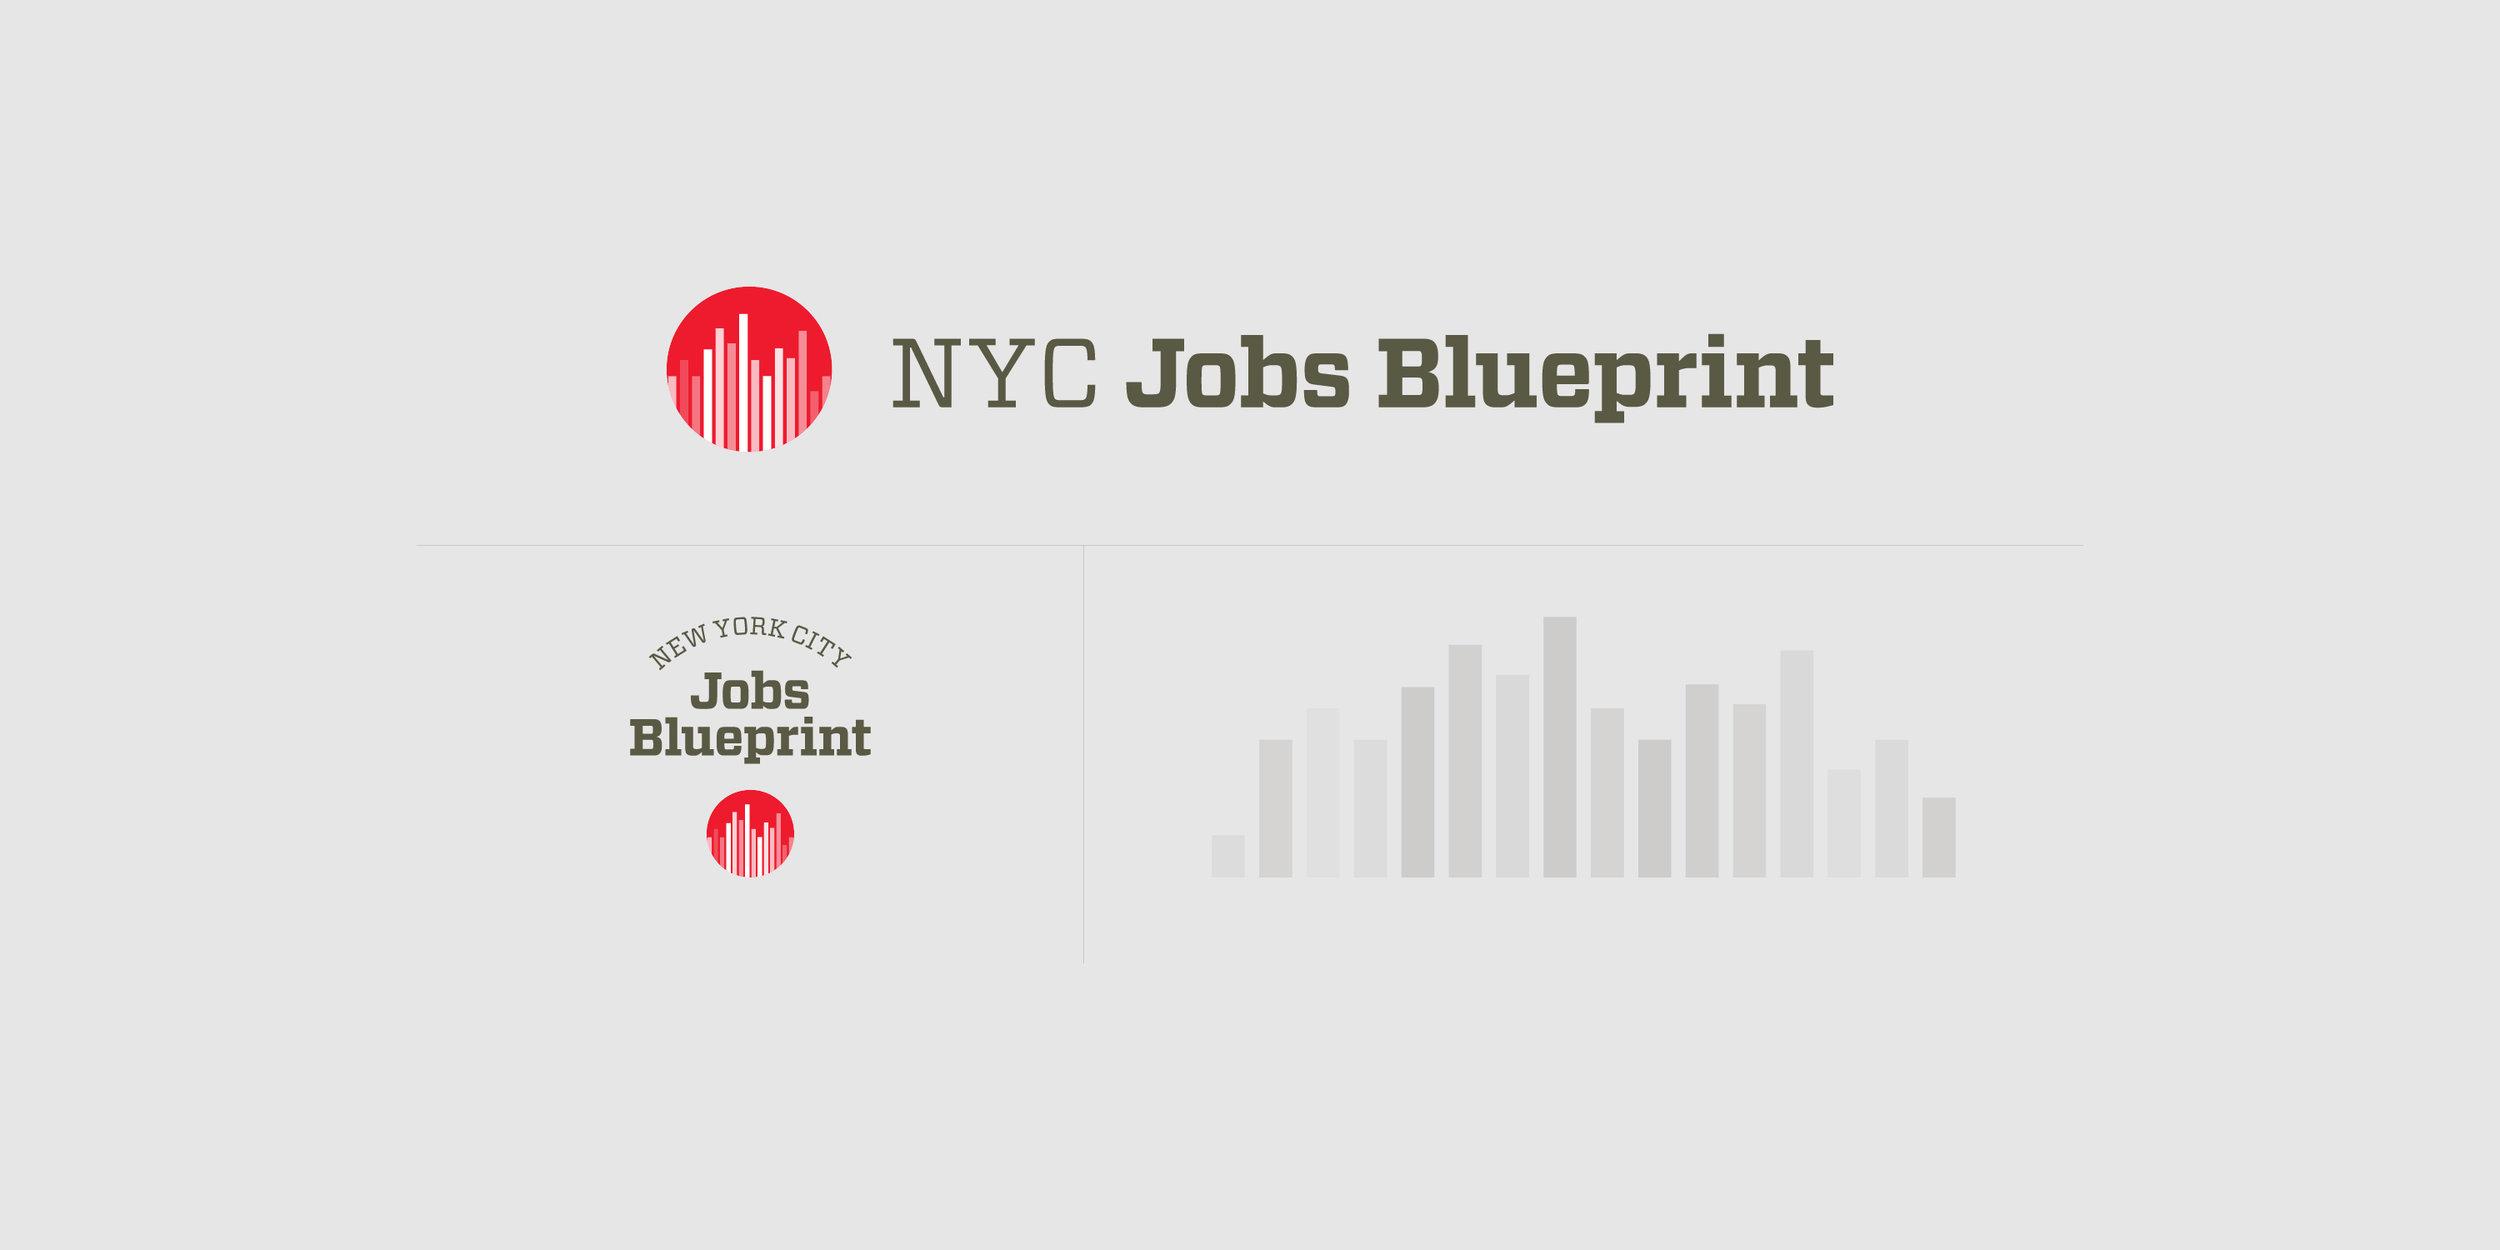 ronaldvillegas-nyc-jobs-blueprint-identity.jpg